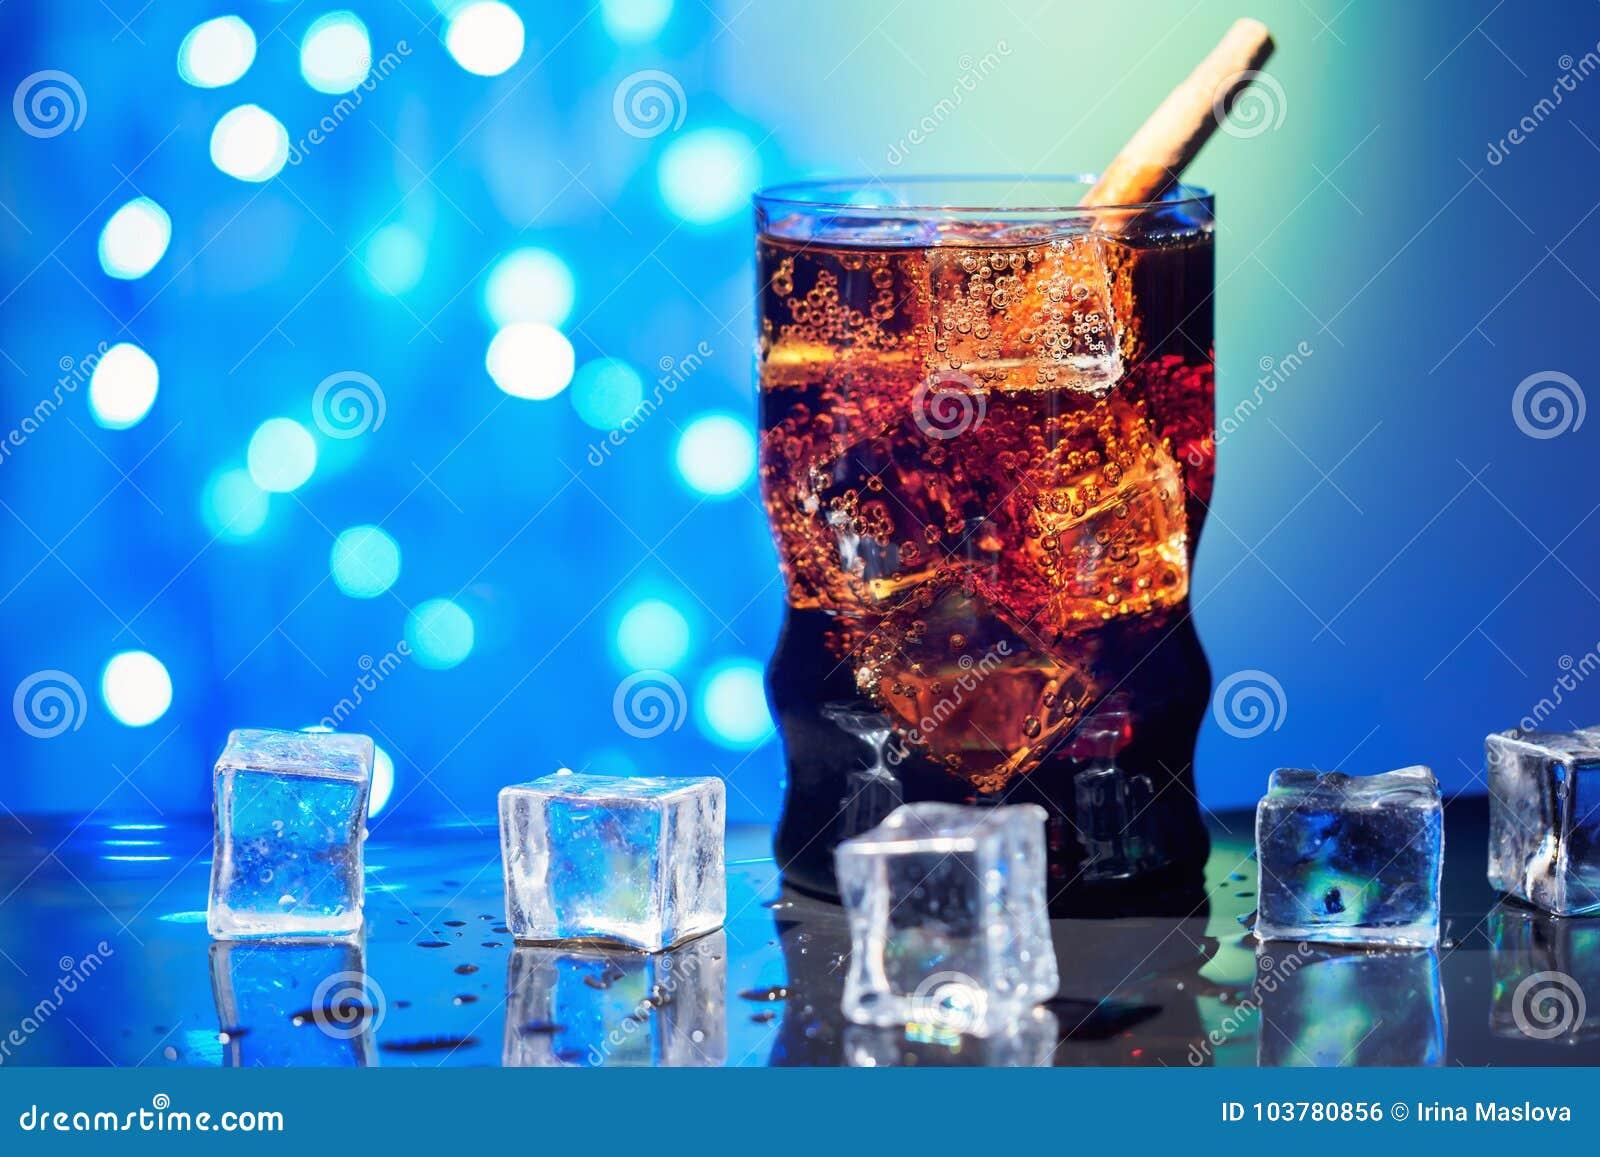 Η κόλα στην κατανάλωση του γυαλιού με το γλυκό σπινθήρισμα κύβων πάγου που ενώνεται με διοξείδιο του άνθρακα πίνει το γρήγορο φαγ